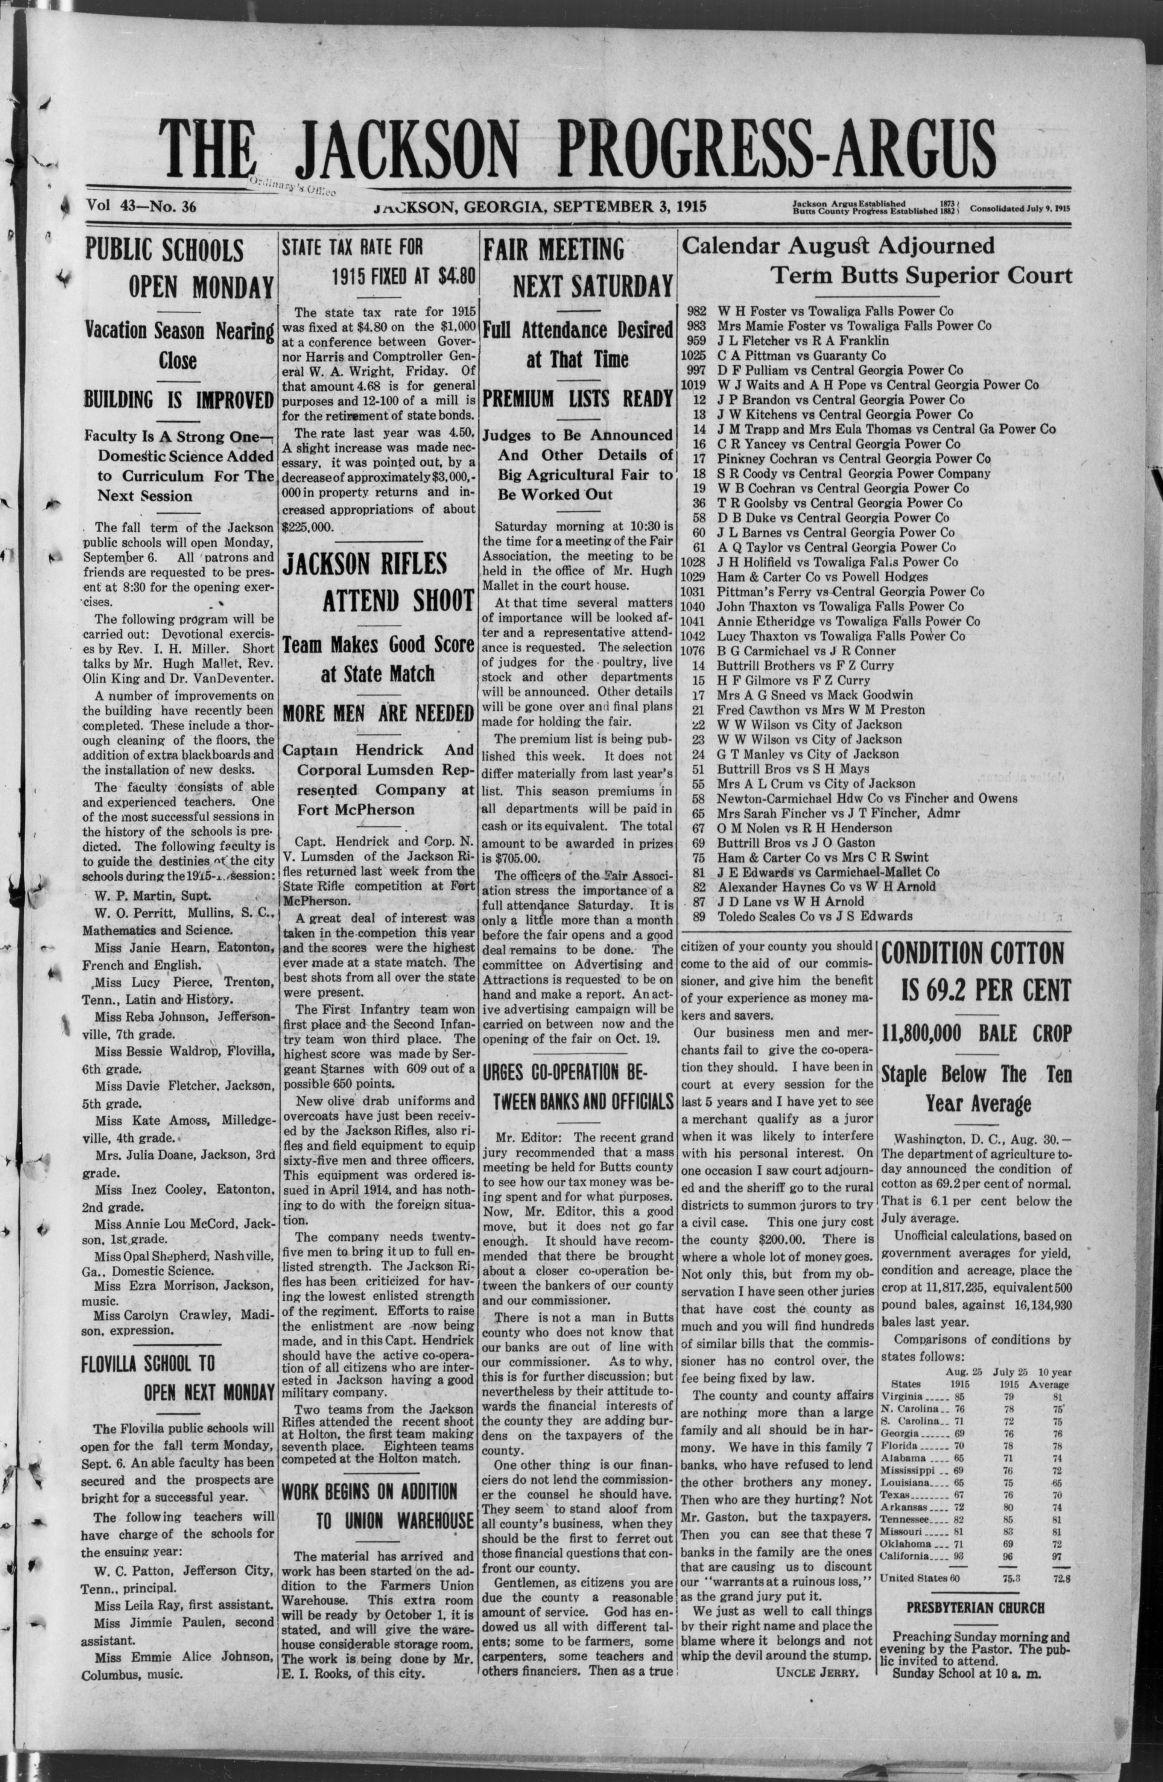 September 3, 1915